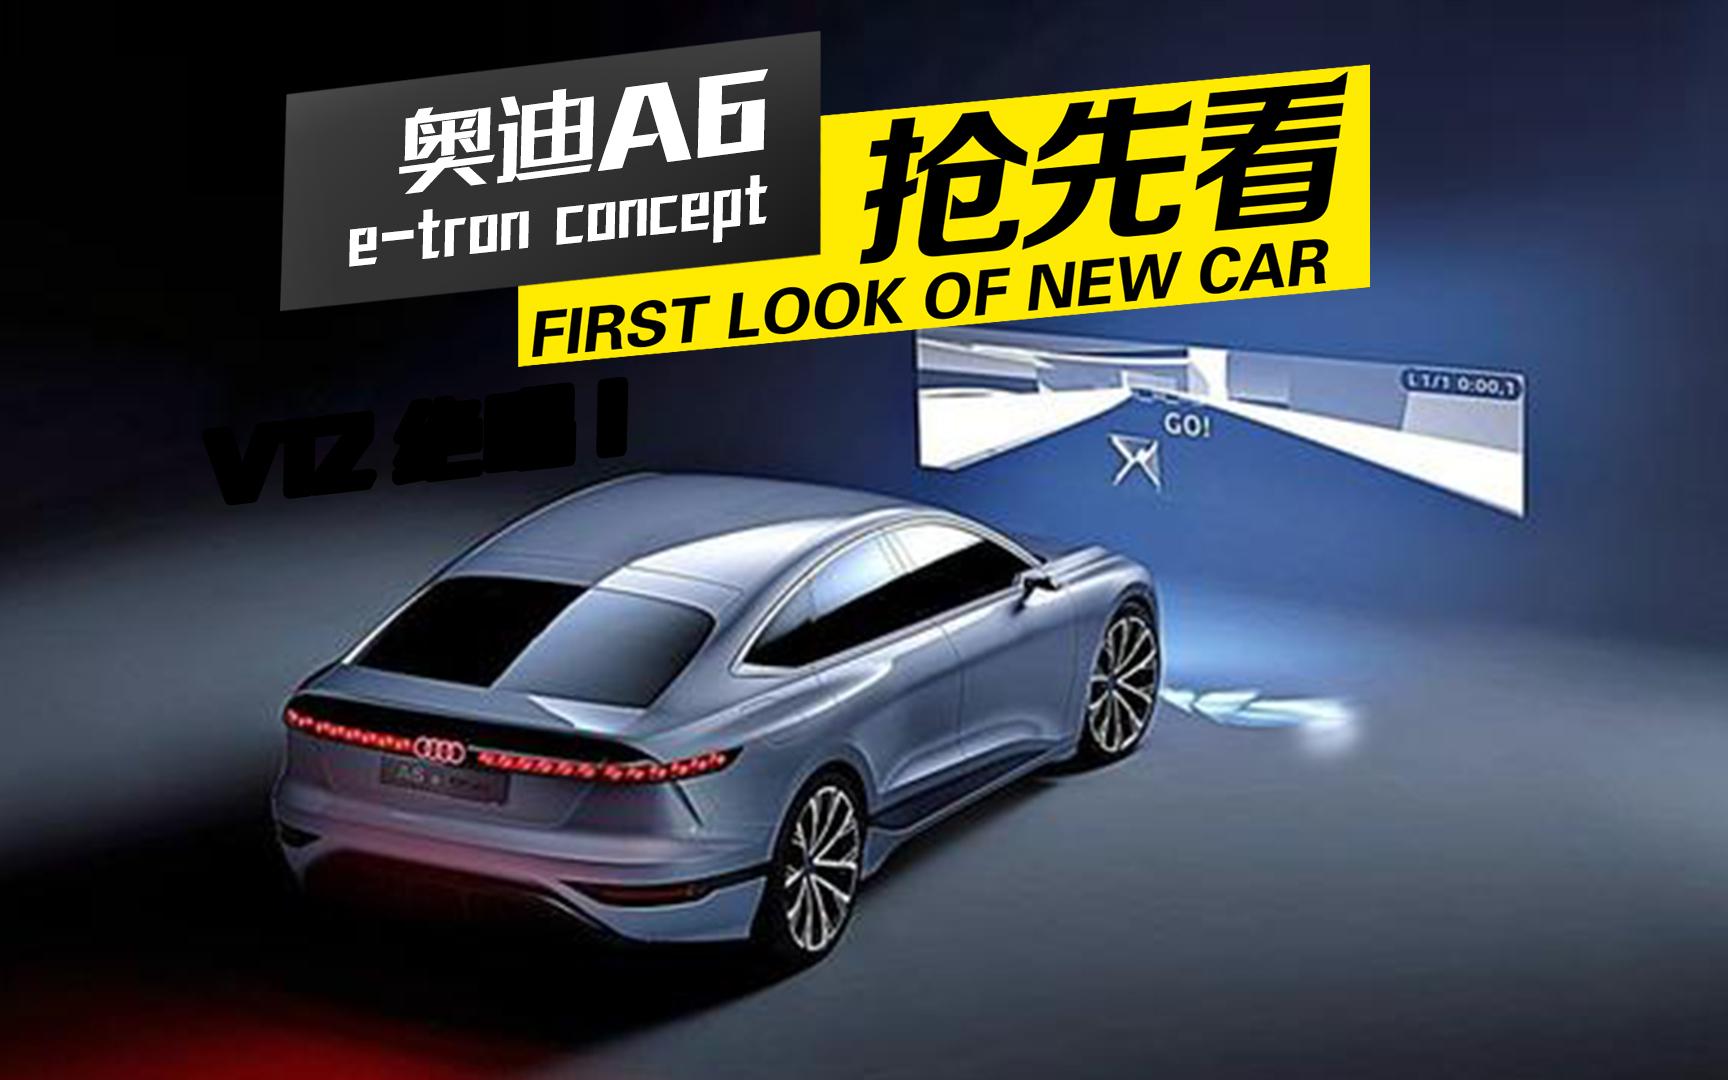 这才是灯厂的硬实力,奥迪A6 e-tron concept买车送投影仪